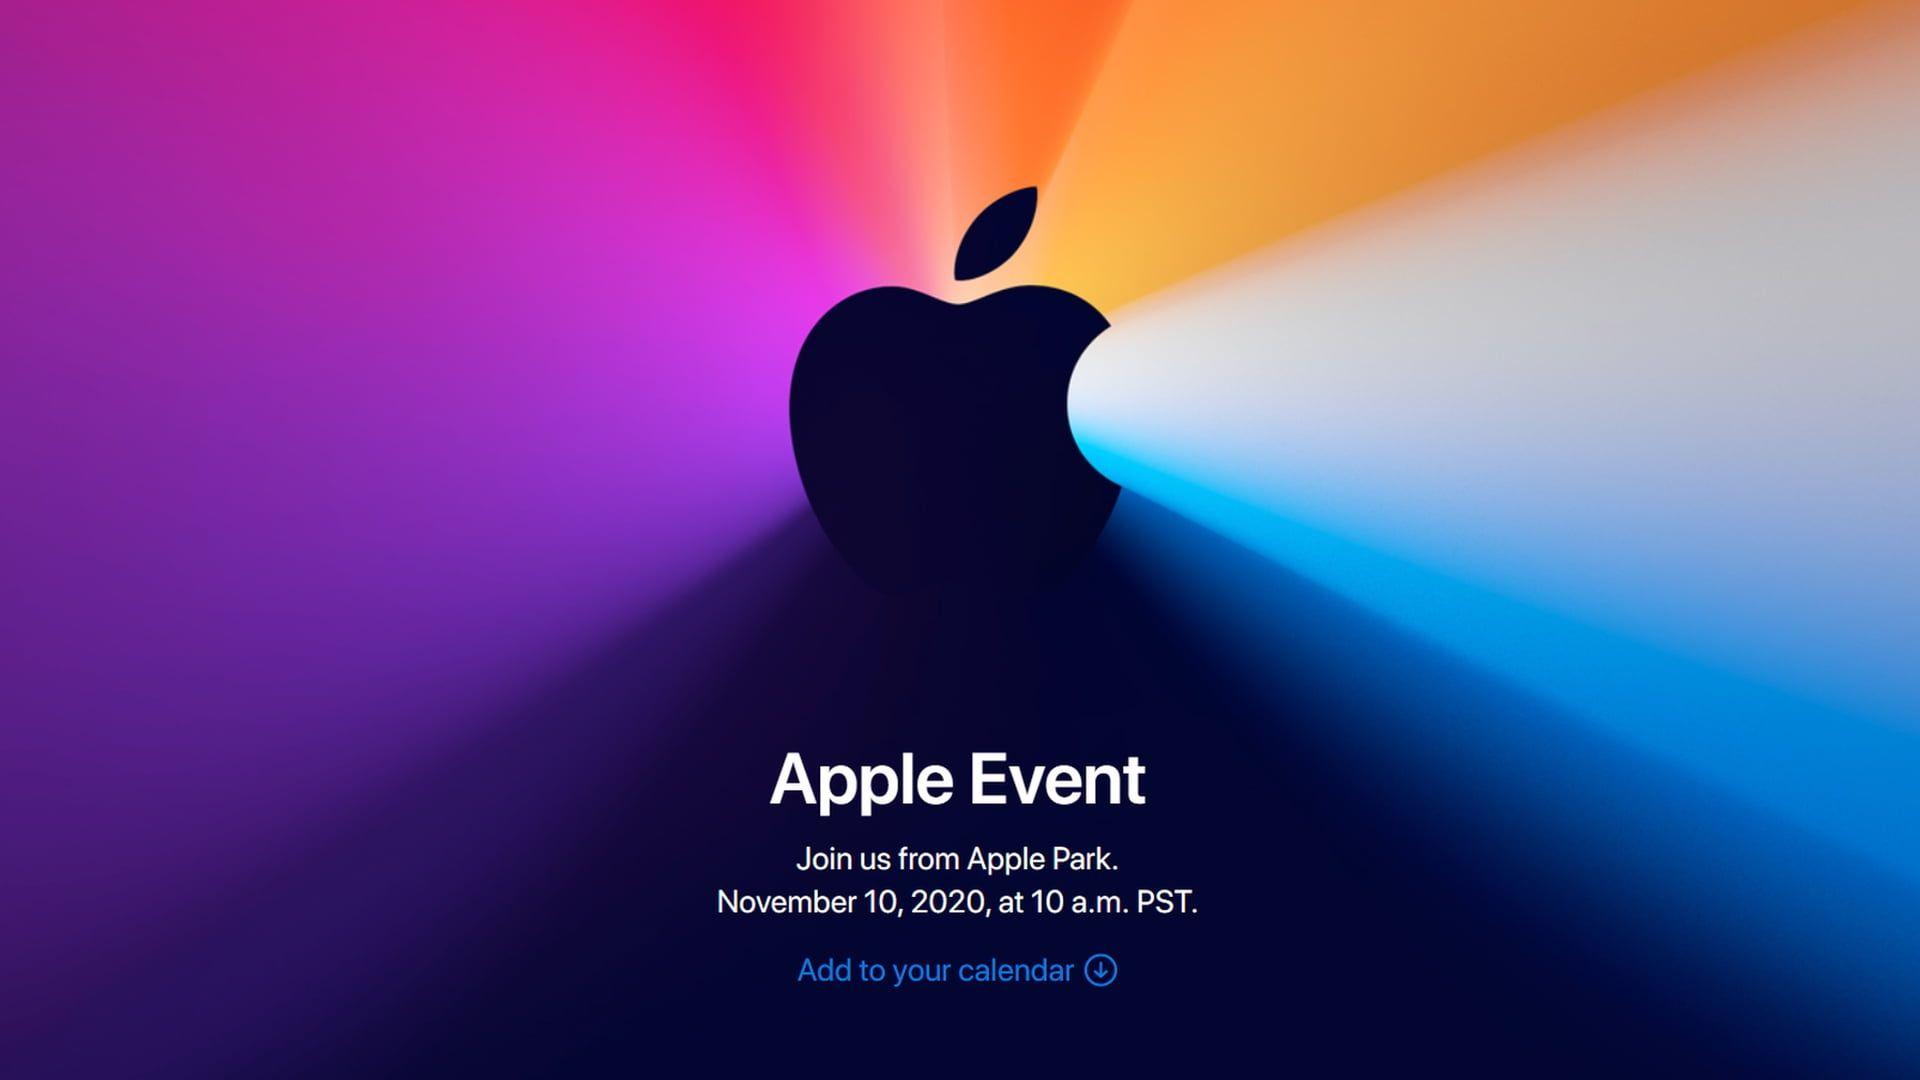 Oficjalnie zapowiedziana przez Apple nowa konferencja